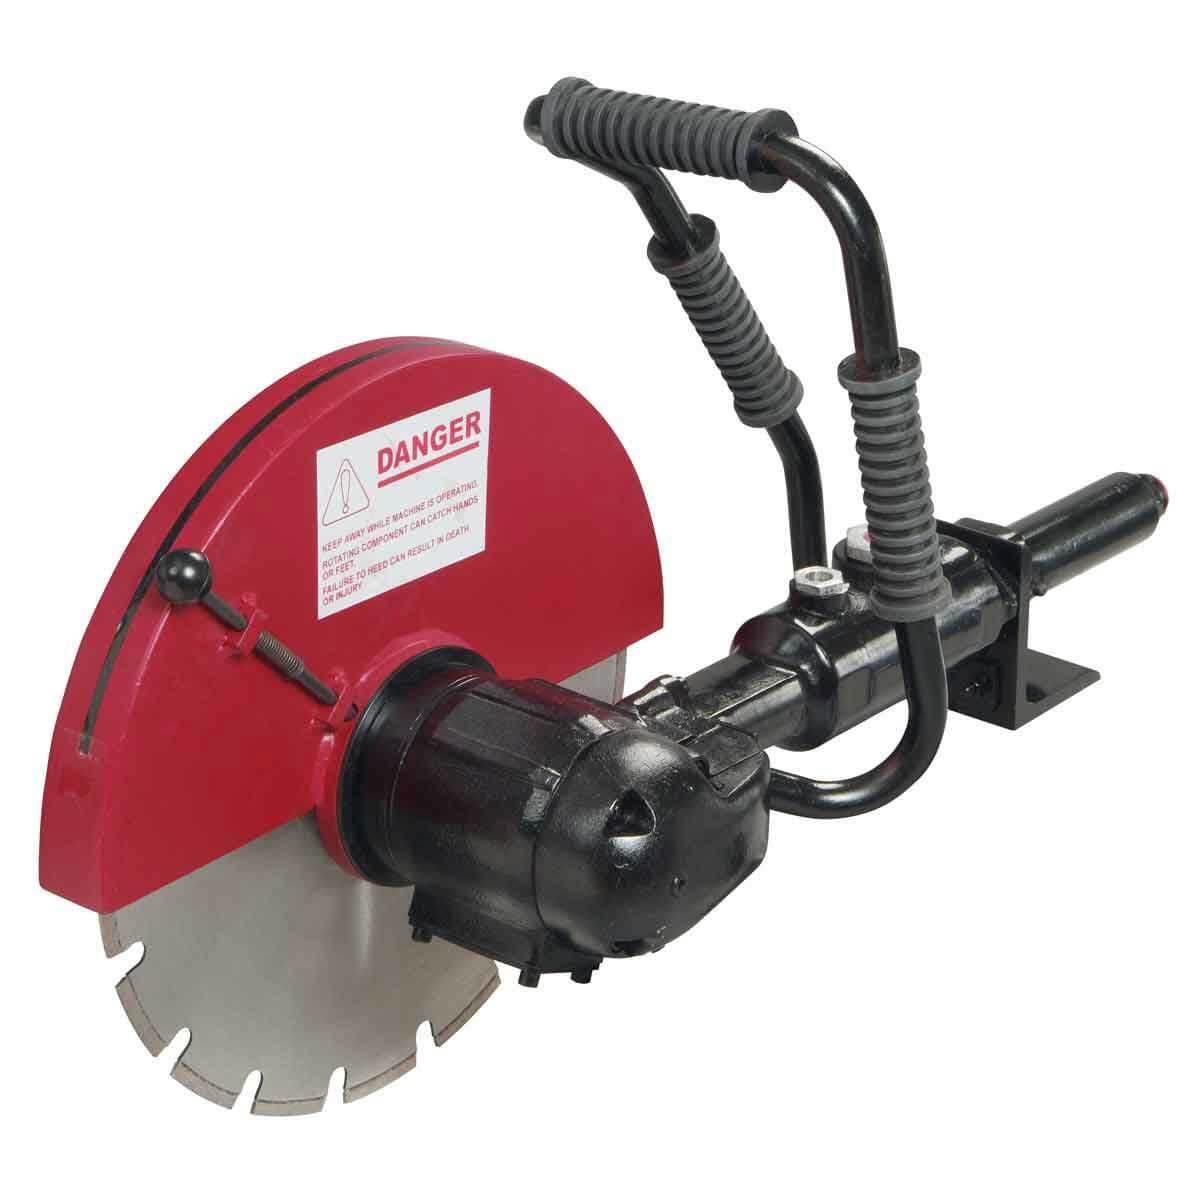 Chicago Pneumatic power cutter